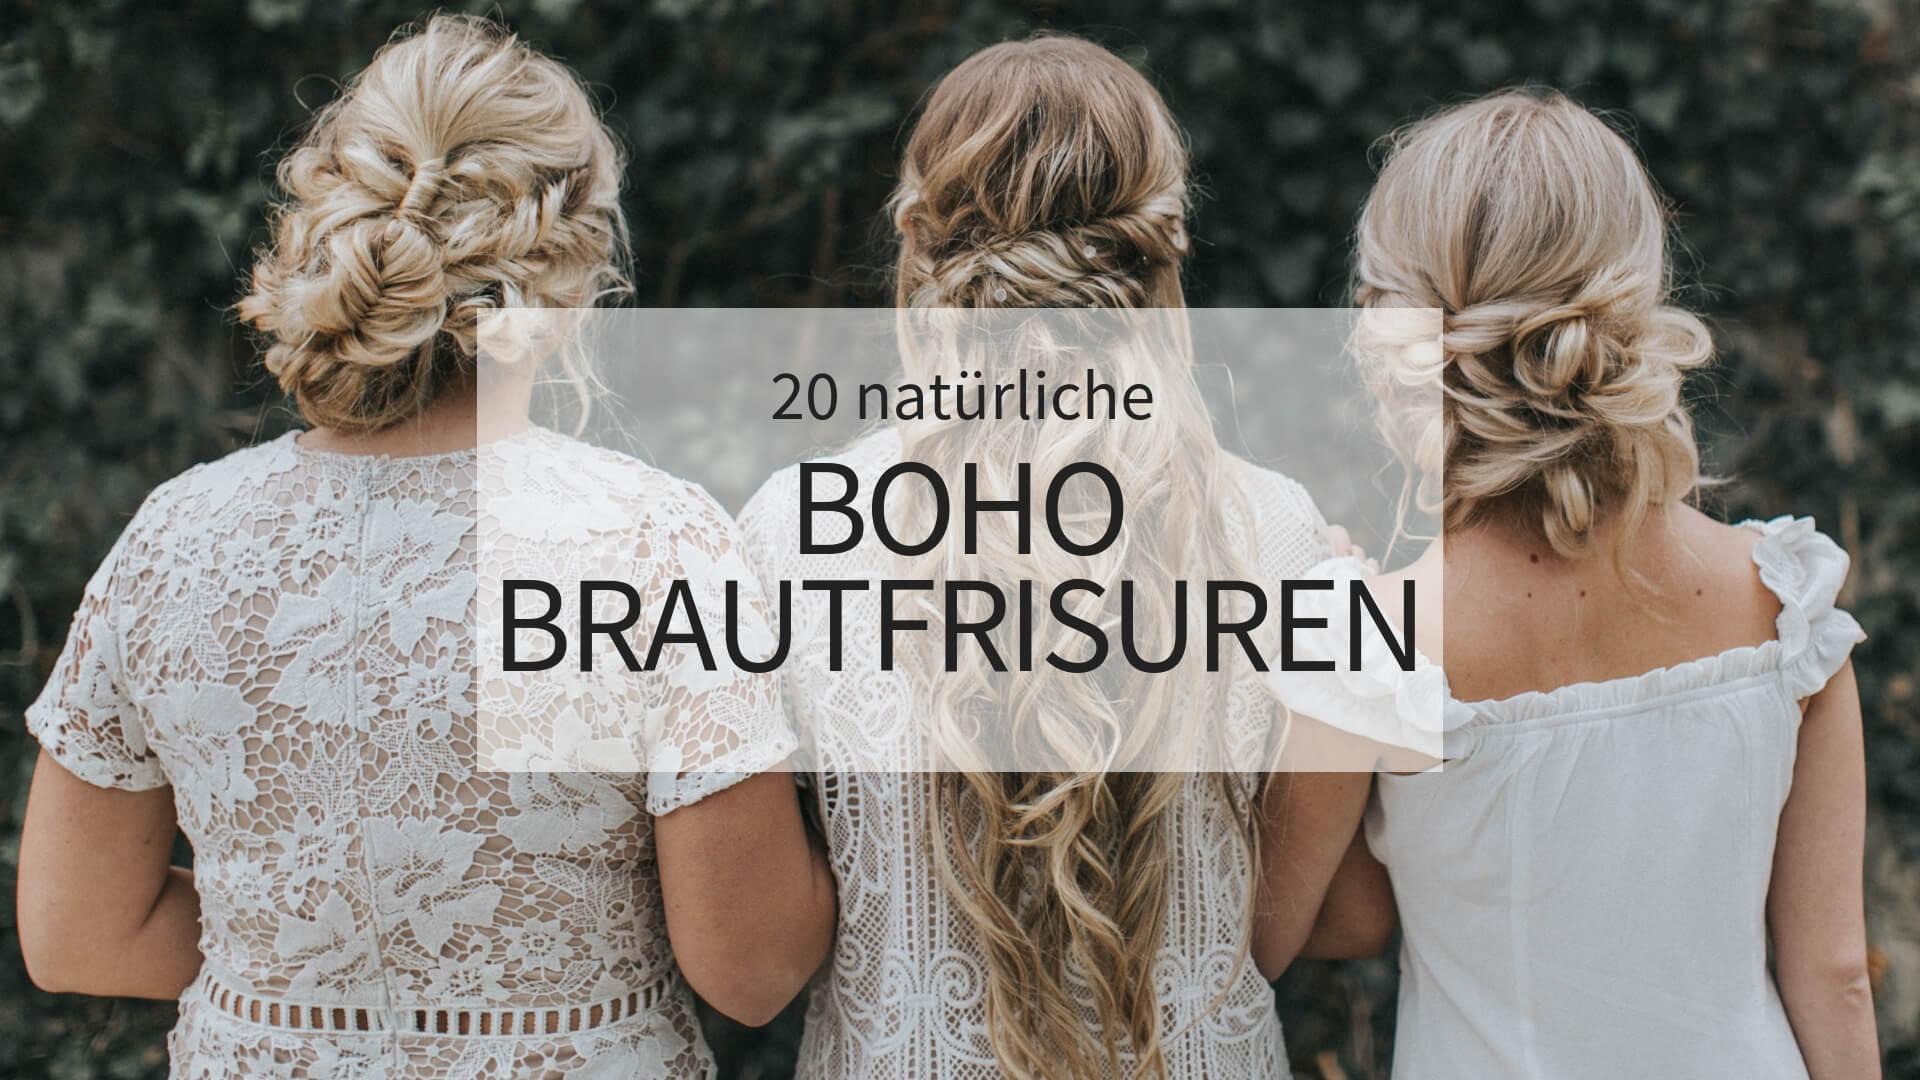 12 natürliche Boho Brautfrisuren - Hochzeitskiste